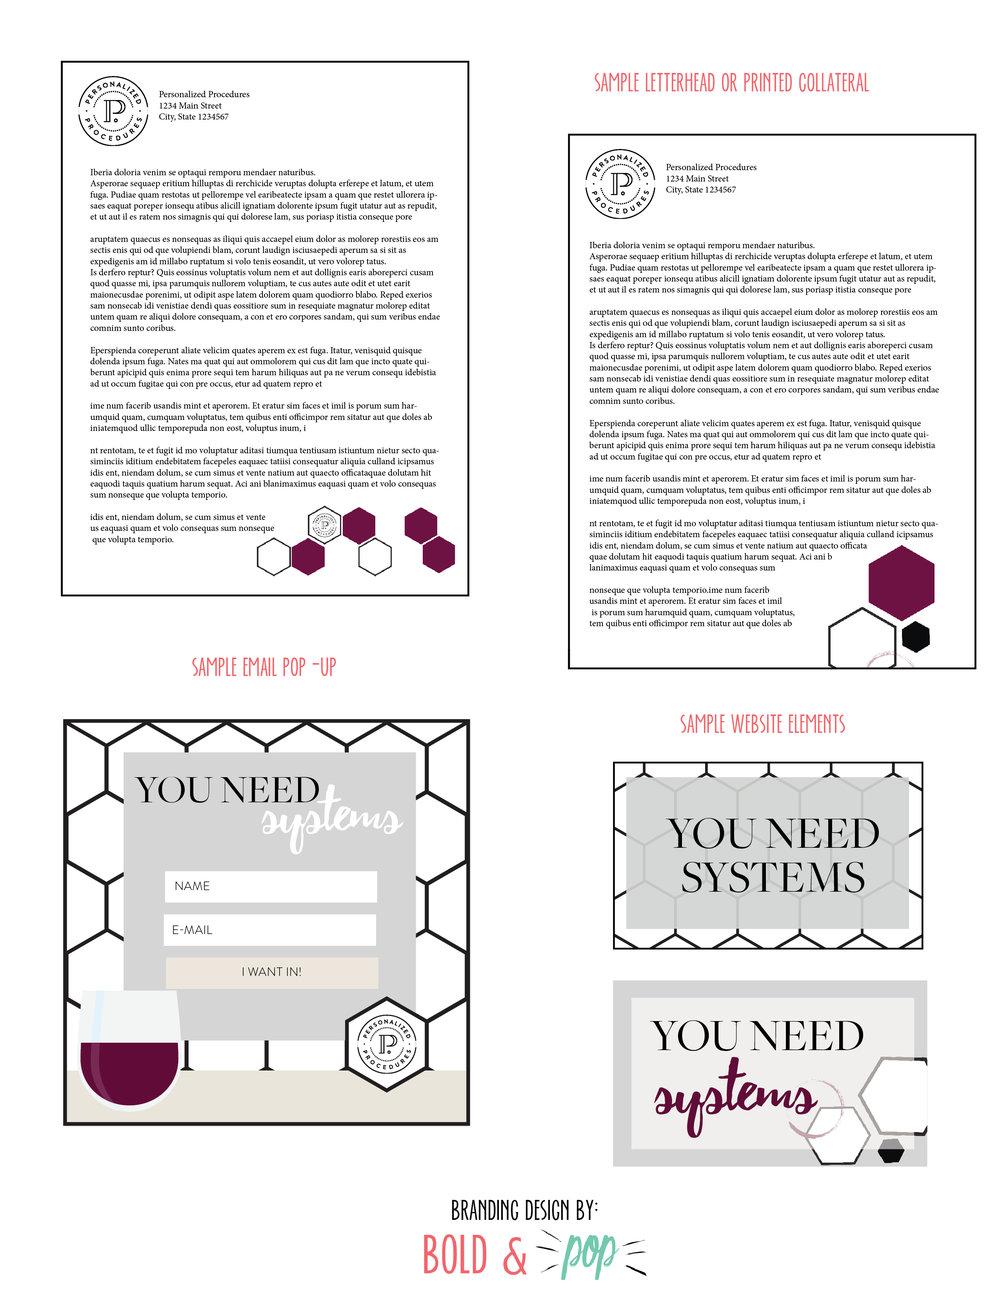 Bold & Pop : Personalized Procedures Branding Design